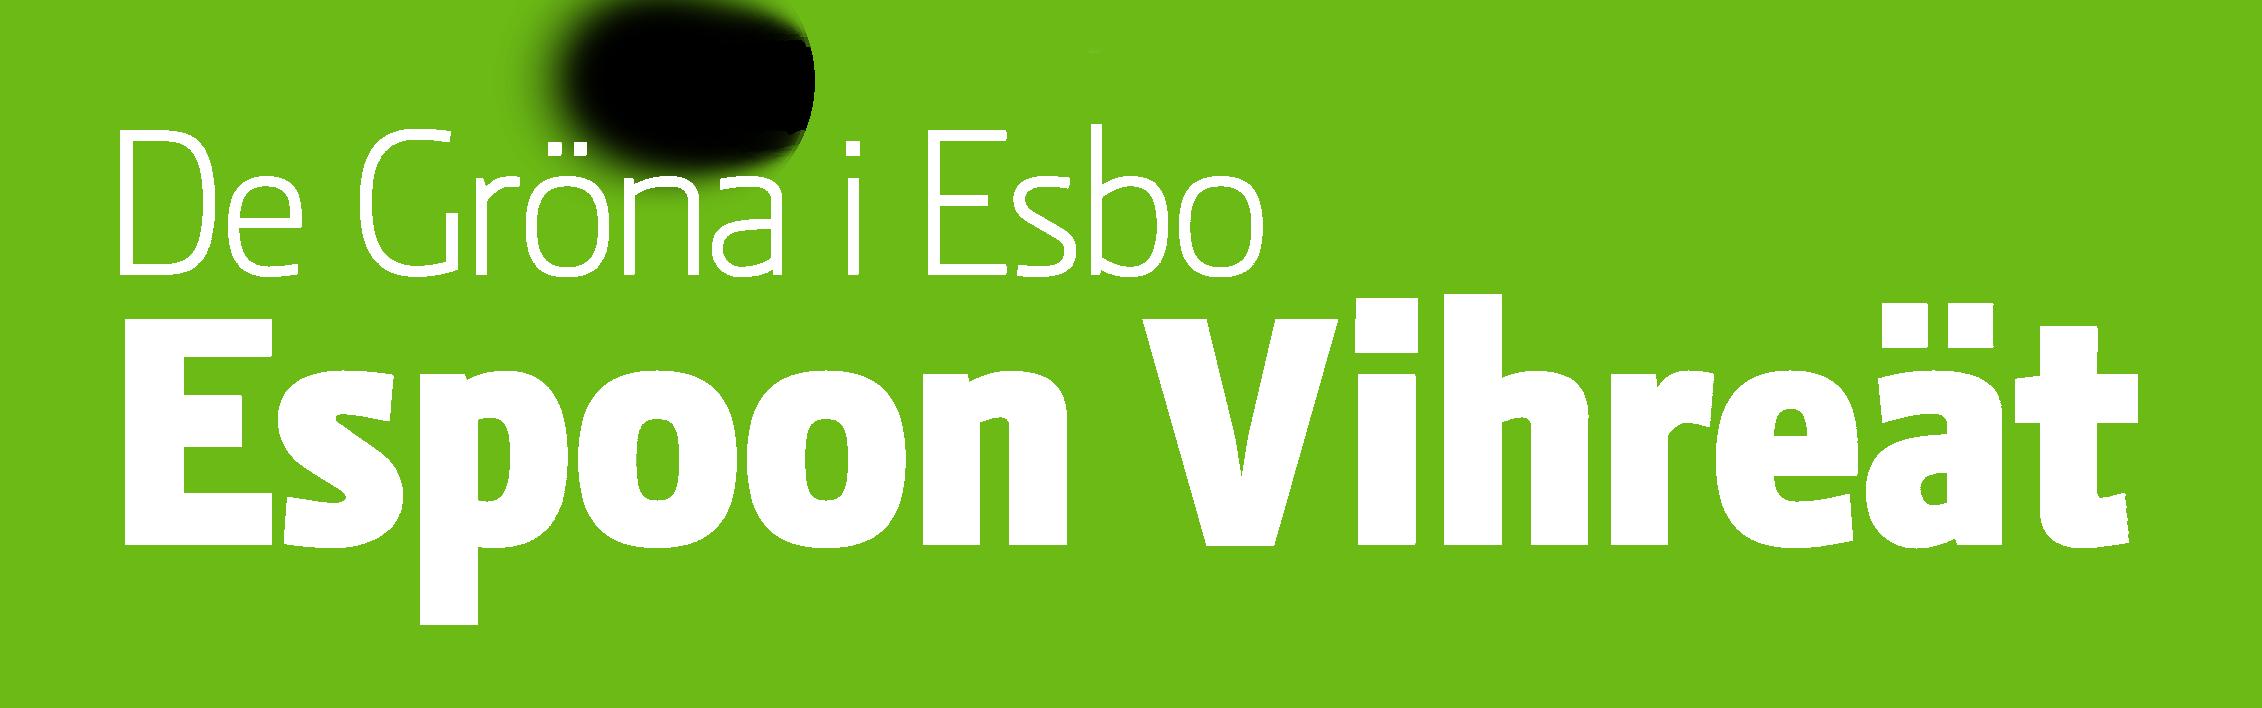 Espoon Vihreät